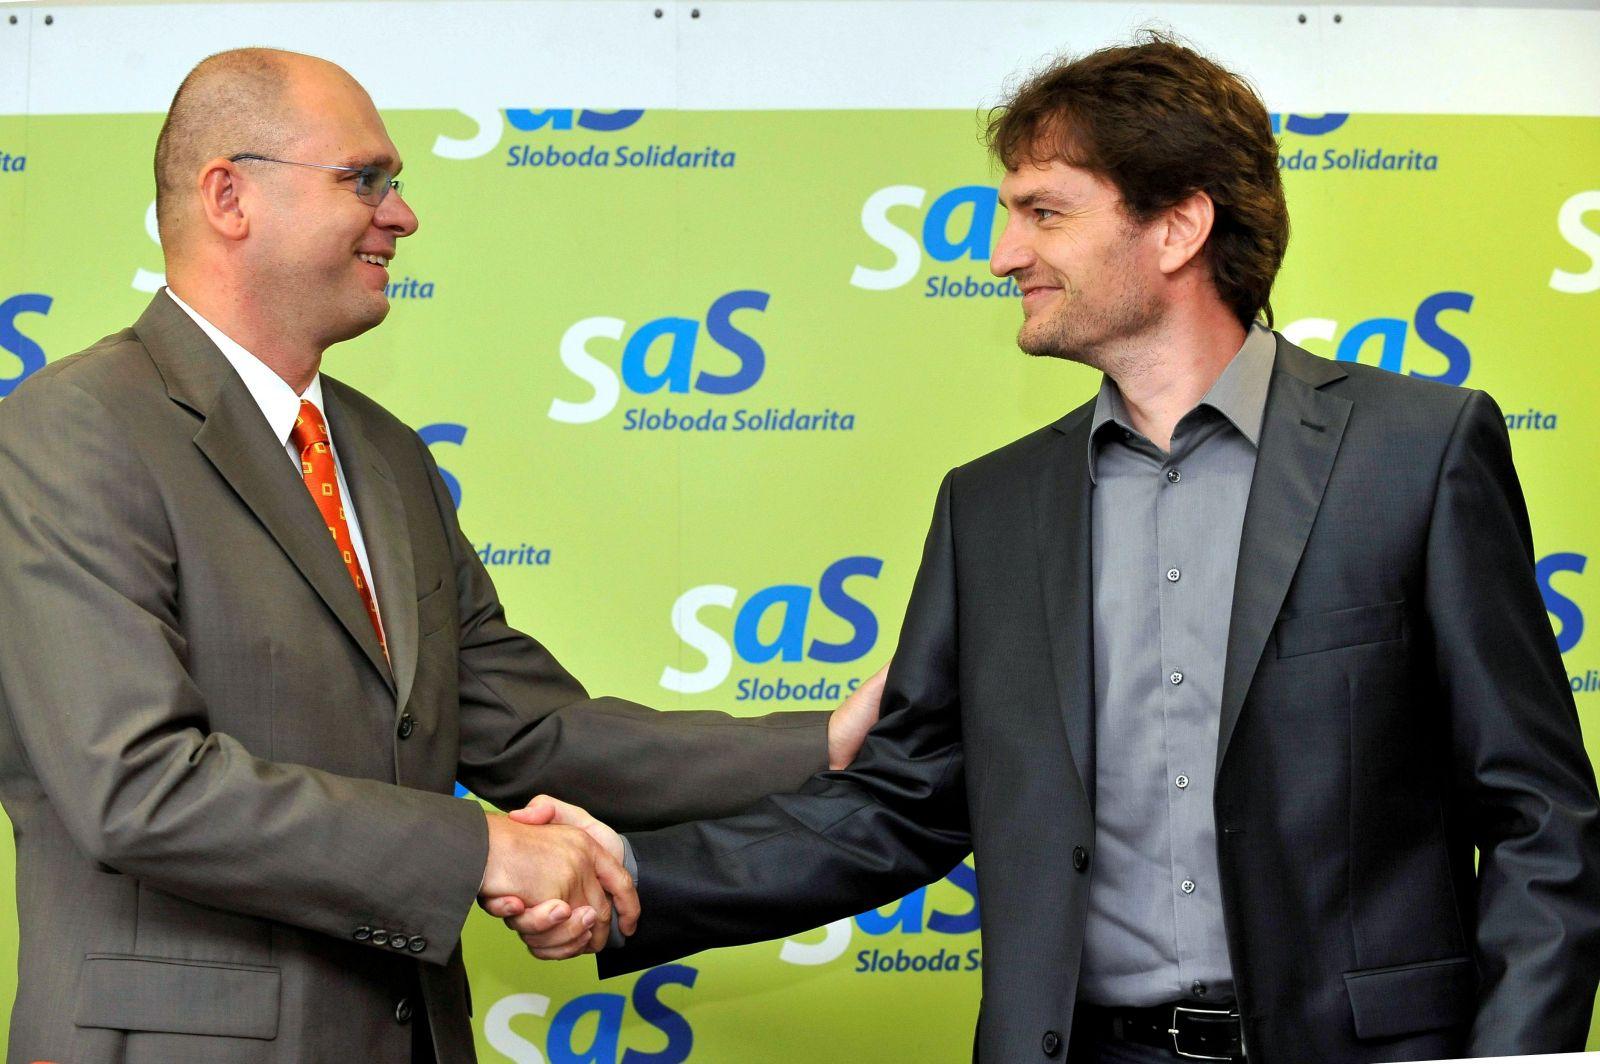 Predseda SaS Richard Sulík (vľavo) a poslanec NR SR za SaS Igor Matovič na tlačovej konferencii 2. augusta 2010 v Bratislave.